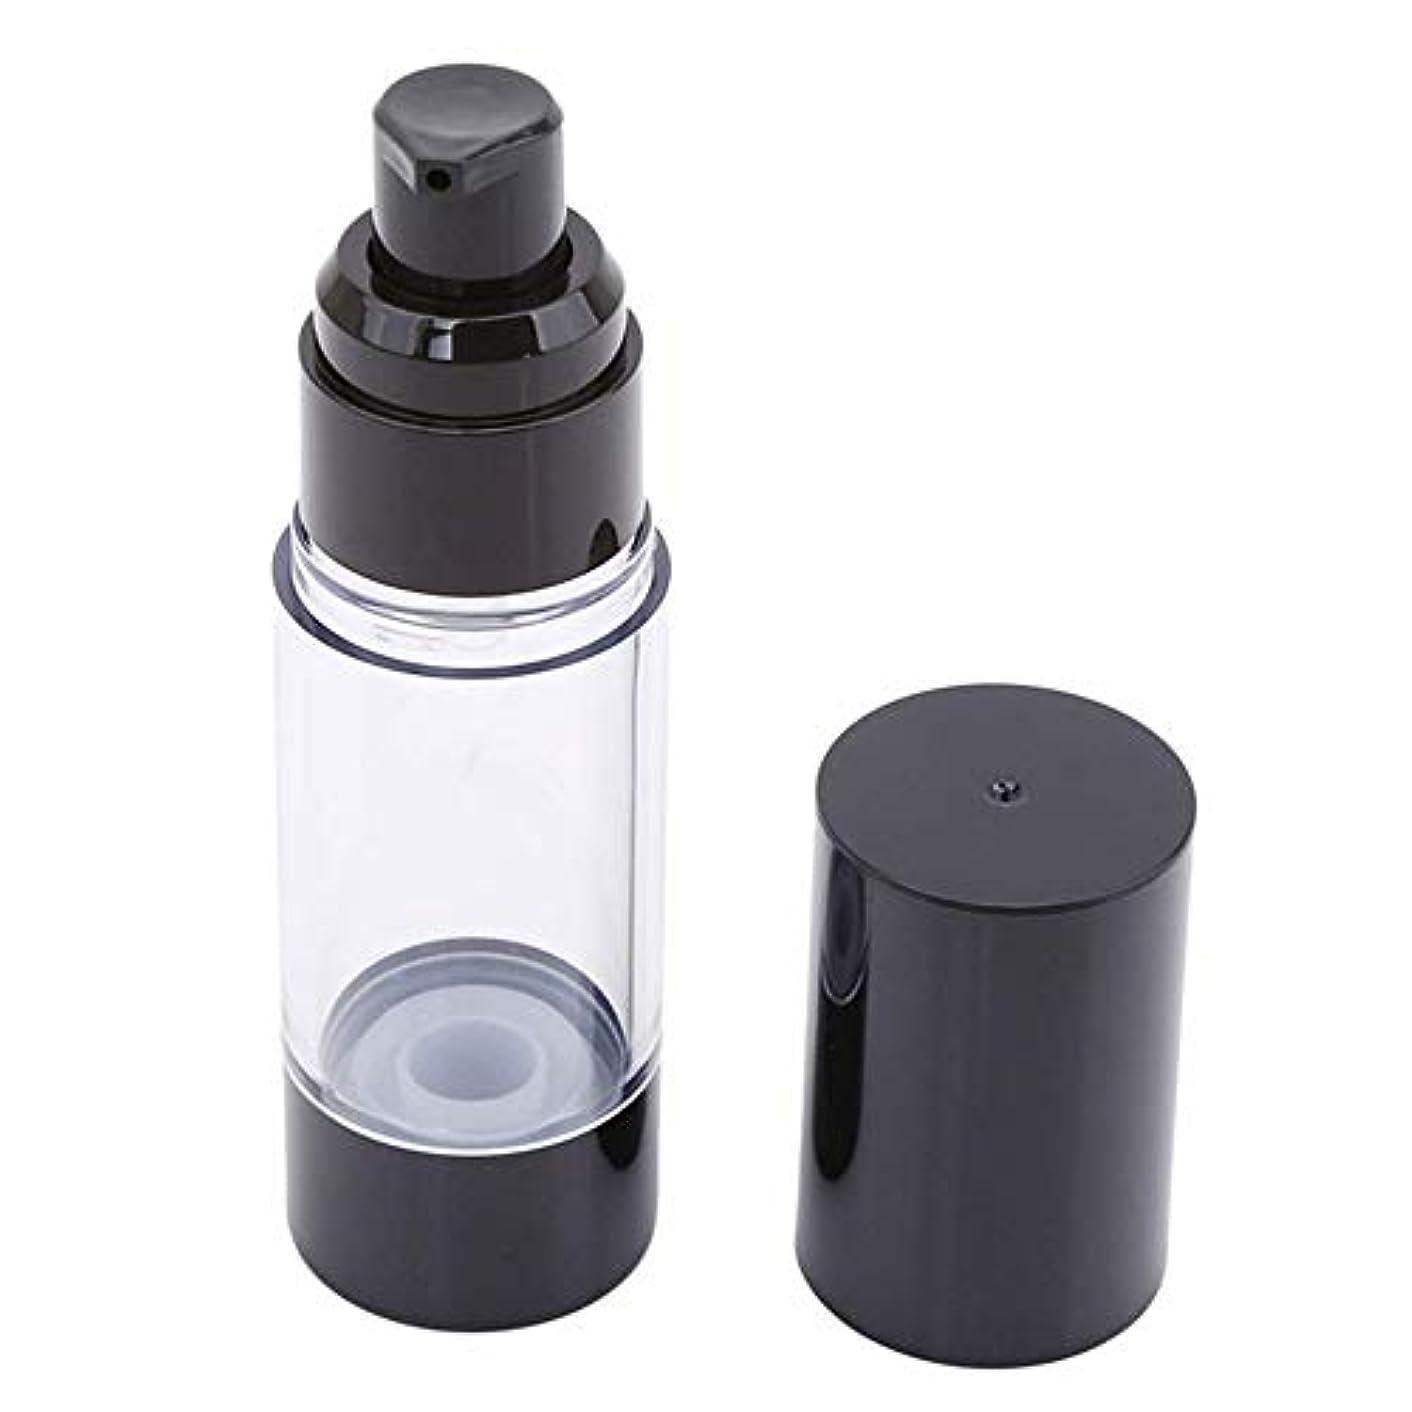 クリームジャンル機知に富んだ1st market クリエイティブポータブルエアレスボトルトラベル化粧品エマルジョン空収納コンテナ30ミリリットル